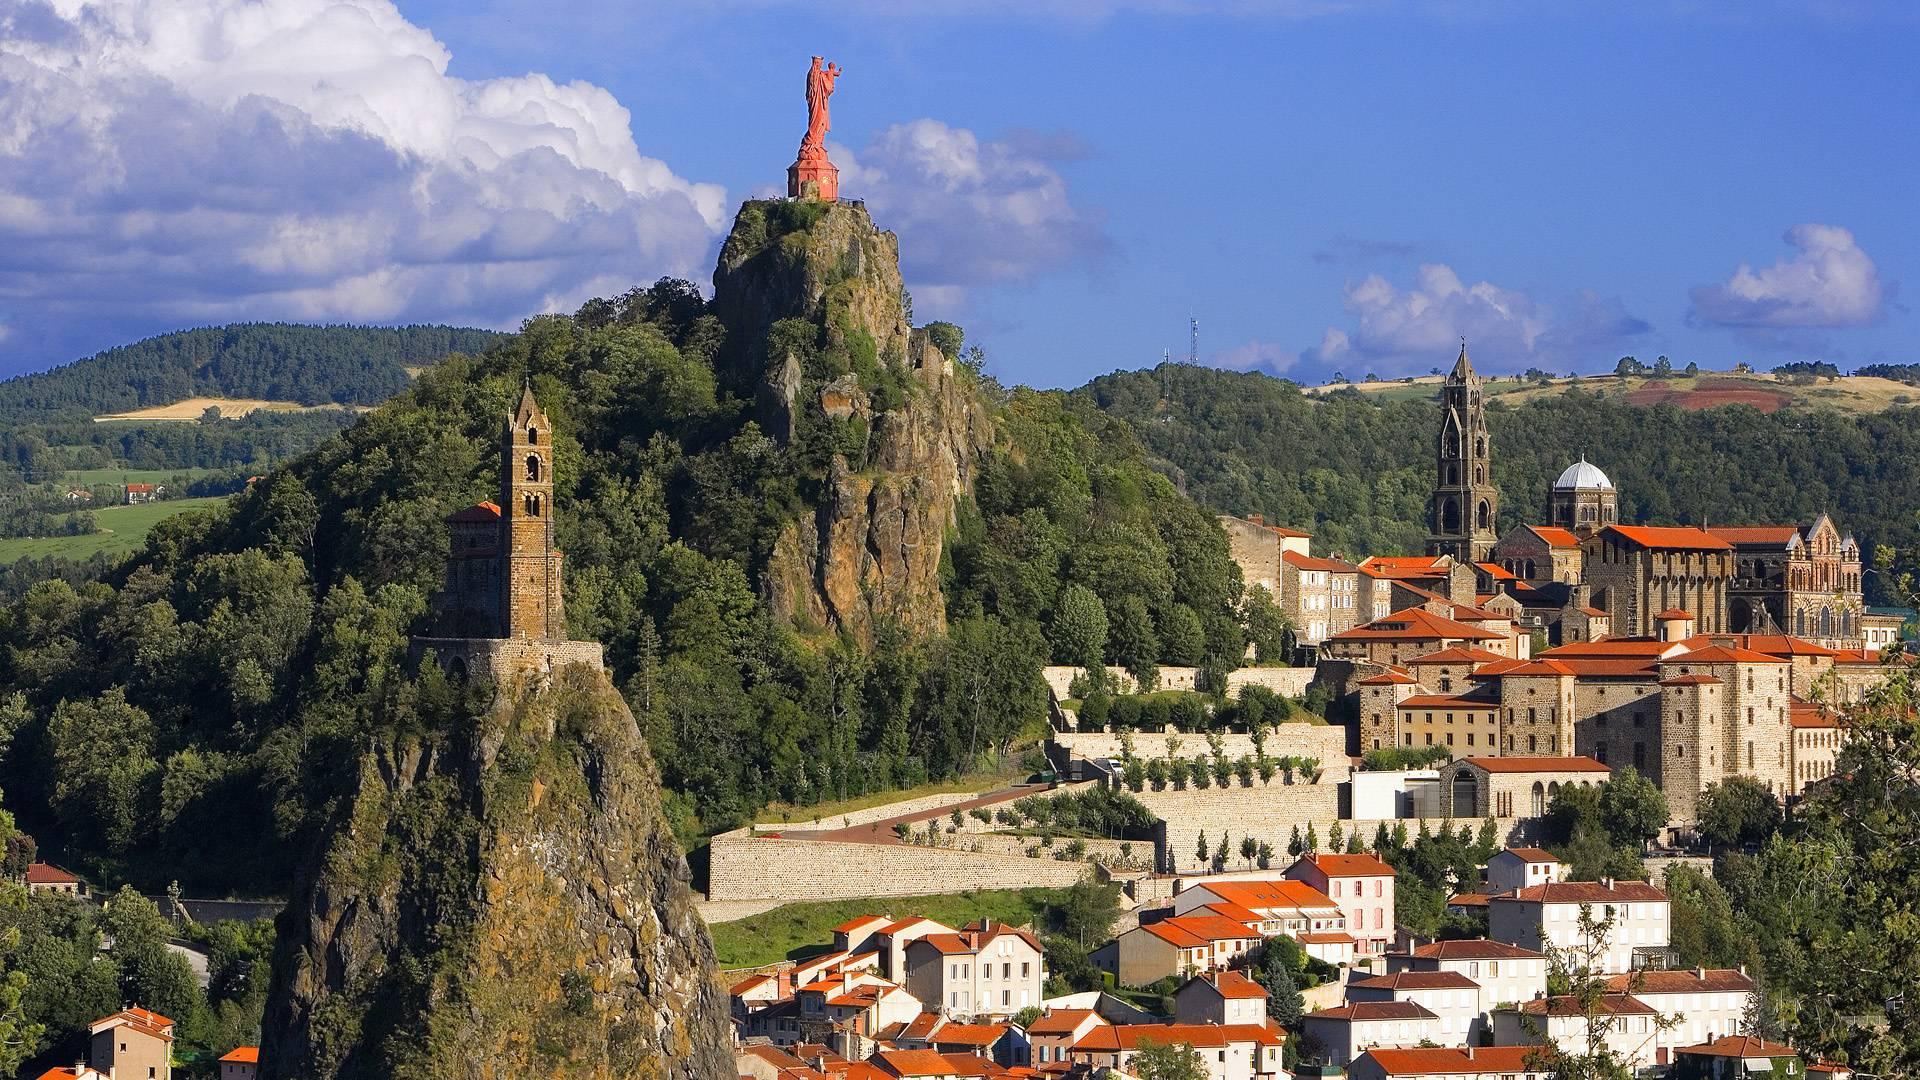 Le Puy-en-Velay, een van de mooiste plaatsen die de Tour aandoet dit jaar (Foto: Panoramio)